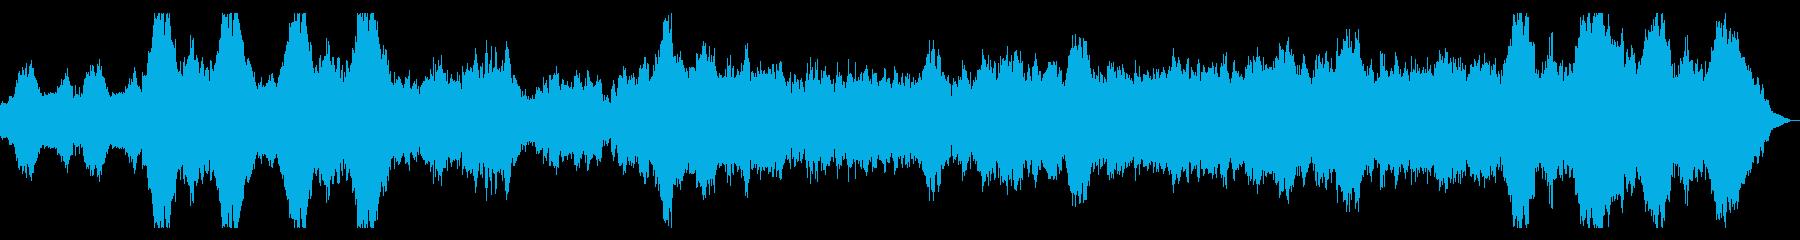 しっとりとしたダークで切ないオーケストラの再生済みの波形